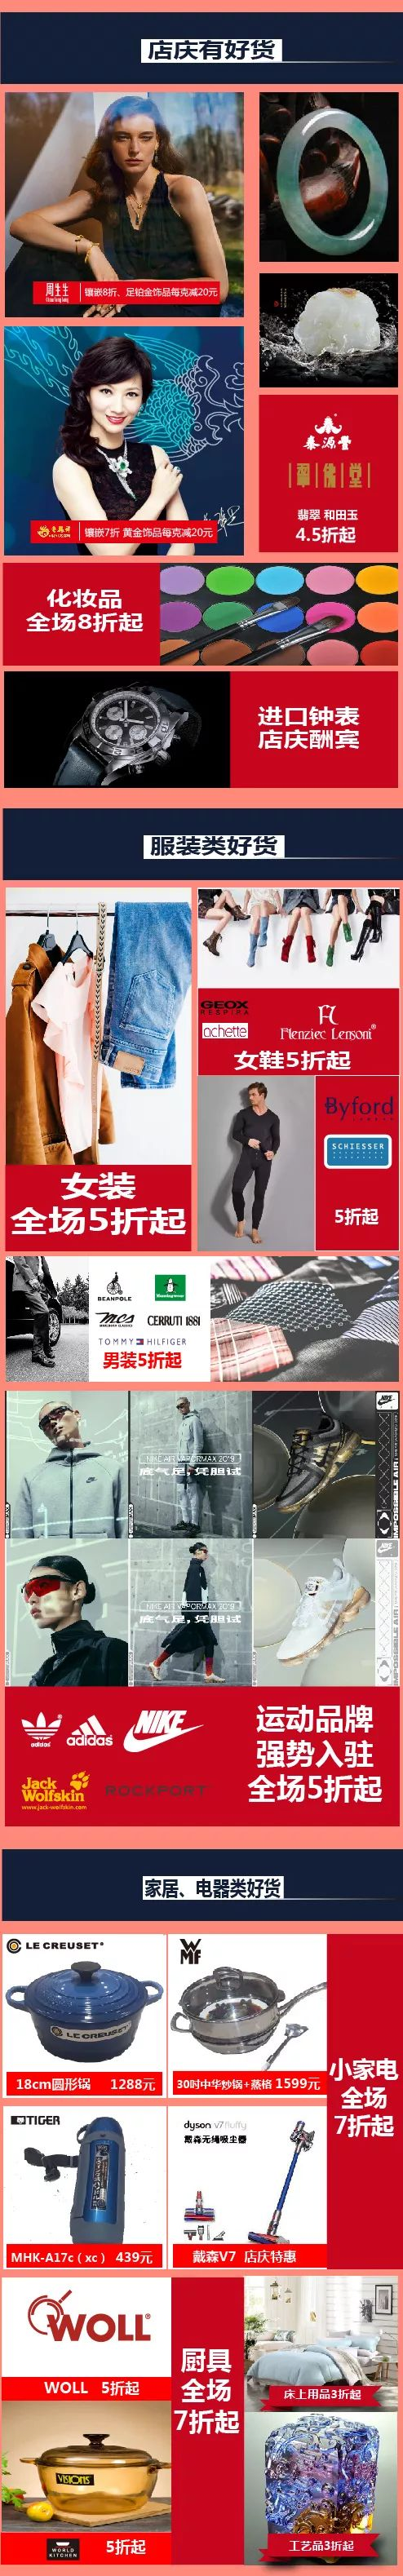 上海东方商厦徐汇店26周年店庆 全场特惠5折起